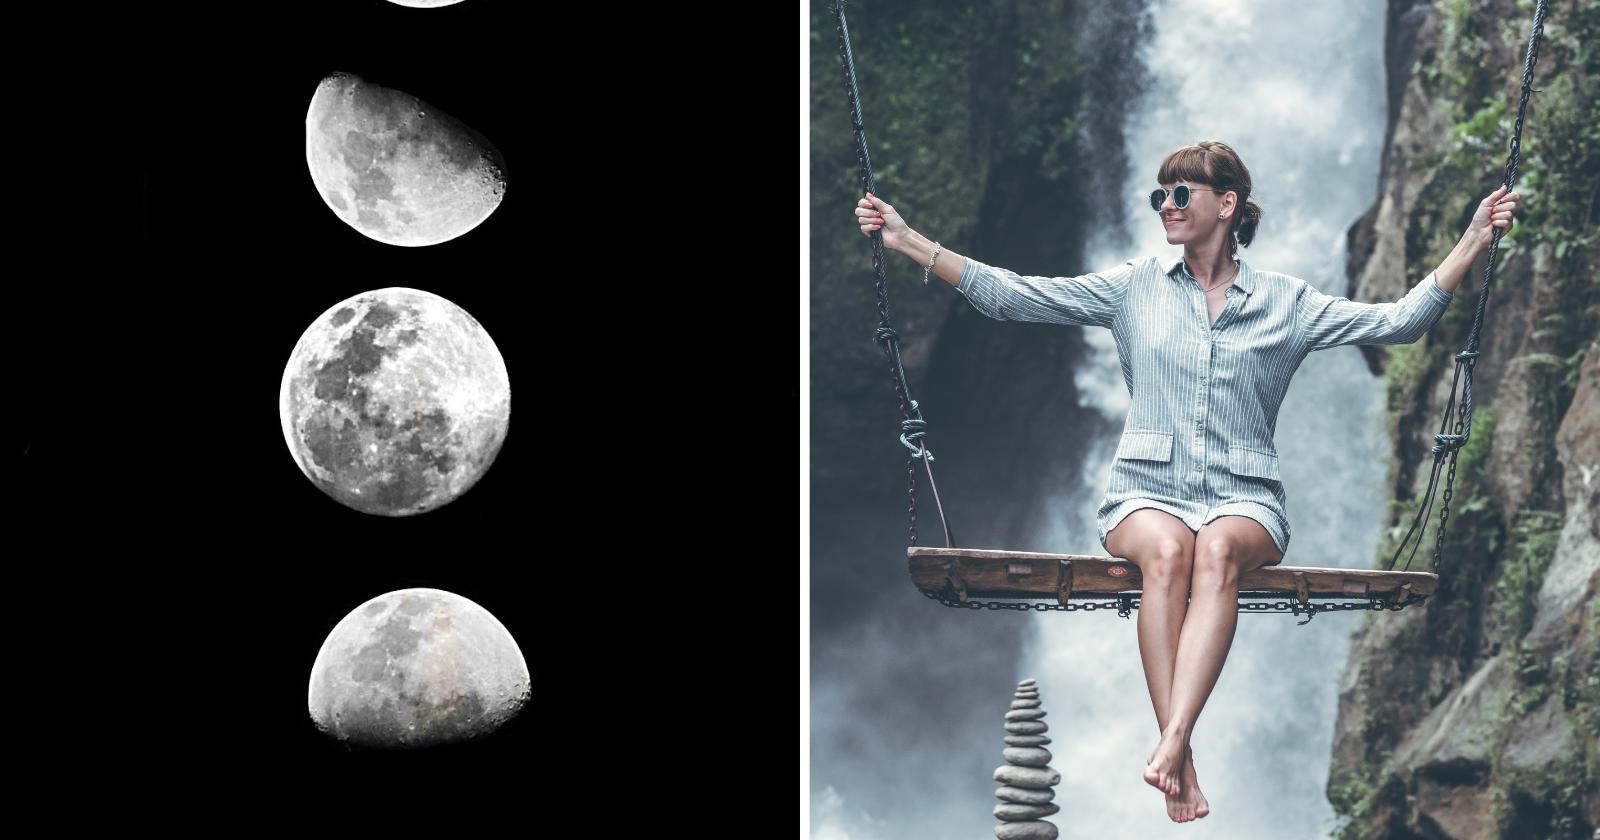 São os nodos lunares que definem sua personalidade e propósito, da seguinte forma...